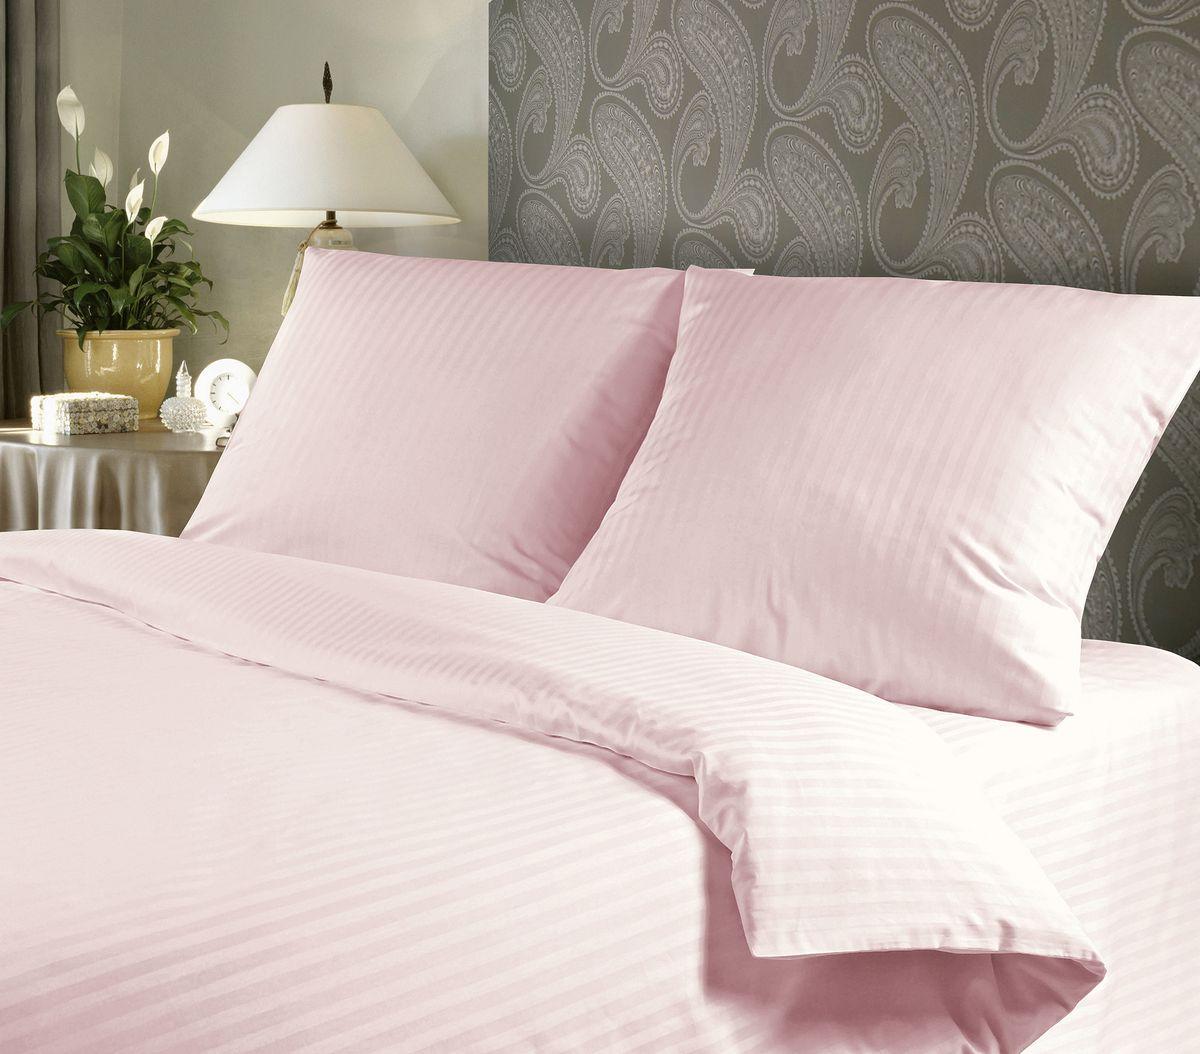 Комплект белья Verossa, 2-спальный, наволочки 50х70, цвет: розовый192836Сатин - настоящая роскошь для любителей понежиться в постели. Вас манит егоблеск, завораживает гладкость, ласкает мягкость, и каждая минута с ним -истинное наслаждение. Тонкая пряжа и атласное переплетение нитей обеспечивают сатину мягкость иделикатность. Легкий блеск сатина делает дизайны живыми и переливающимися. 100% хлопок, не электризуется и отлично пропускает воздух, тканьдышит. Легко стирается и практически не требует глажения. Не линяет, не изменяет вид после многочисленных стирок.Советы по выбору постельного белья от блогера Ирины Соковых. Статья OZON Гид